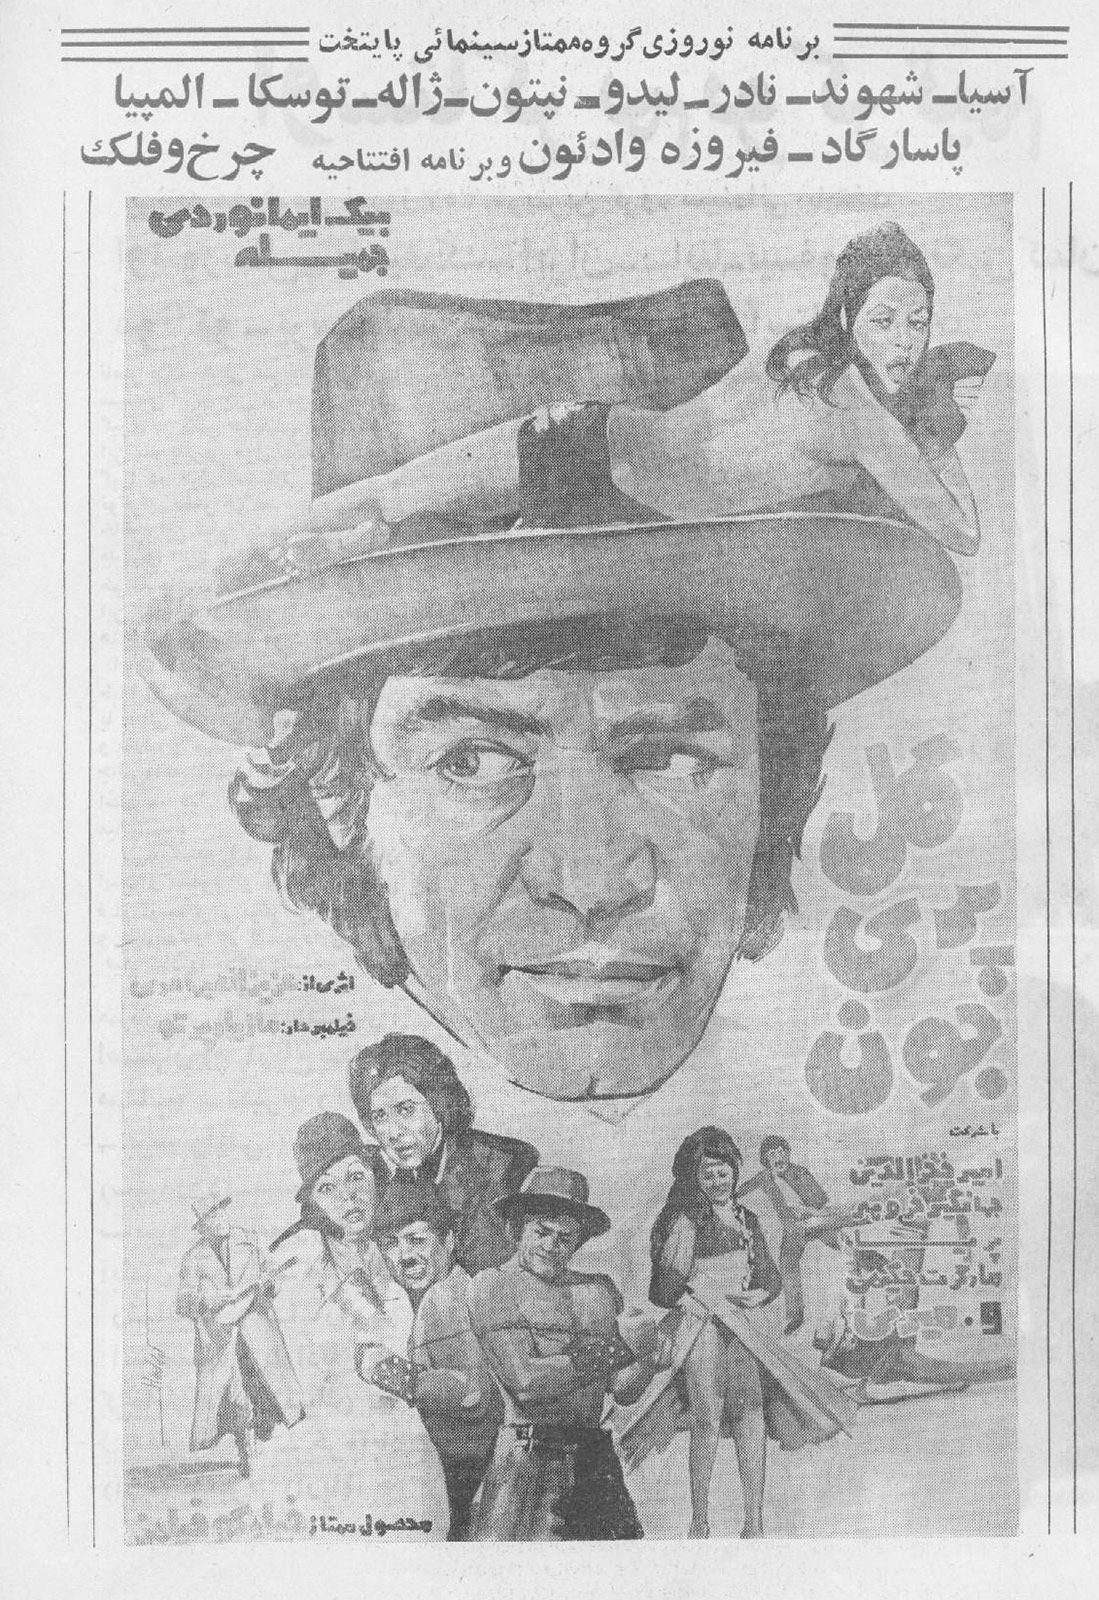 پوستر سیاه و سفید فیلم گل پری جون صفحه ۱۹ مجله اطلاعات دختران و پسران شماره ٧٩٢ ۲۶ اسفند ۱۳۵۲ Iranian Actors Cinema Actors